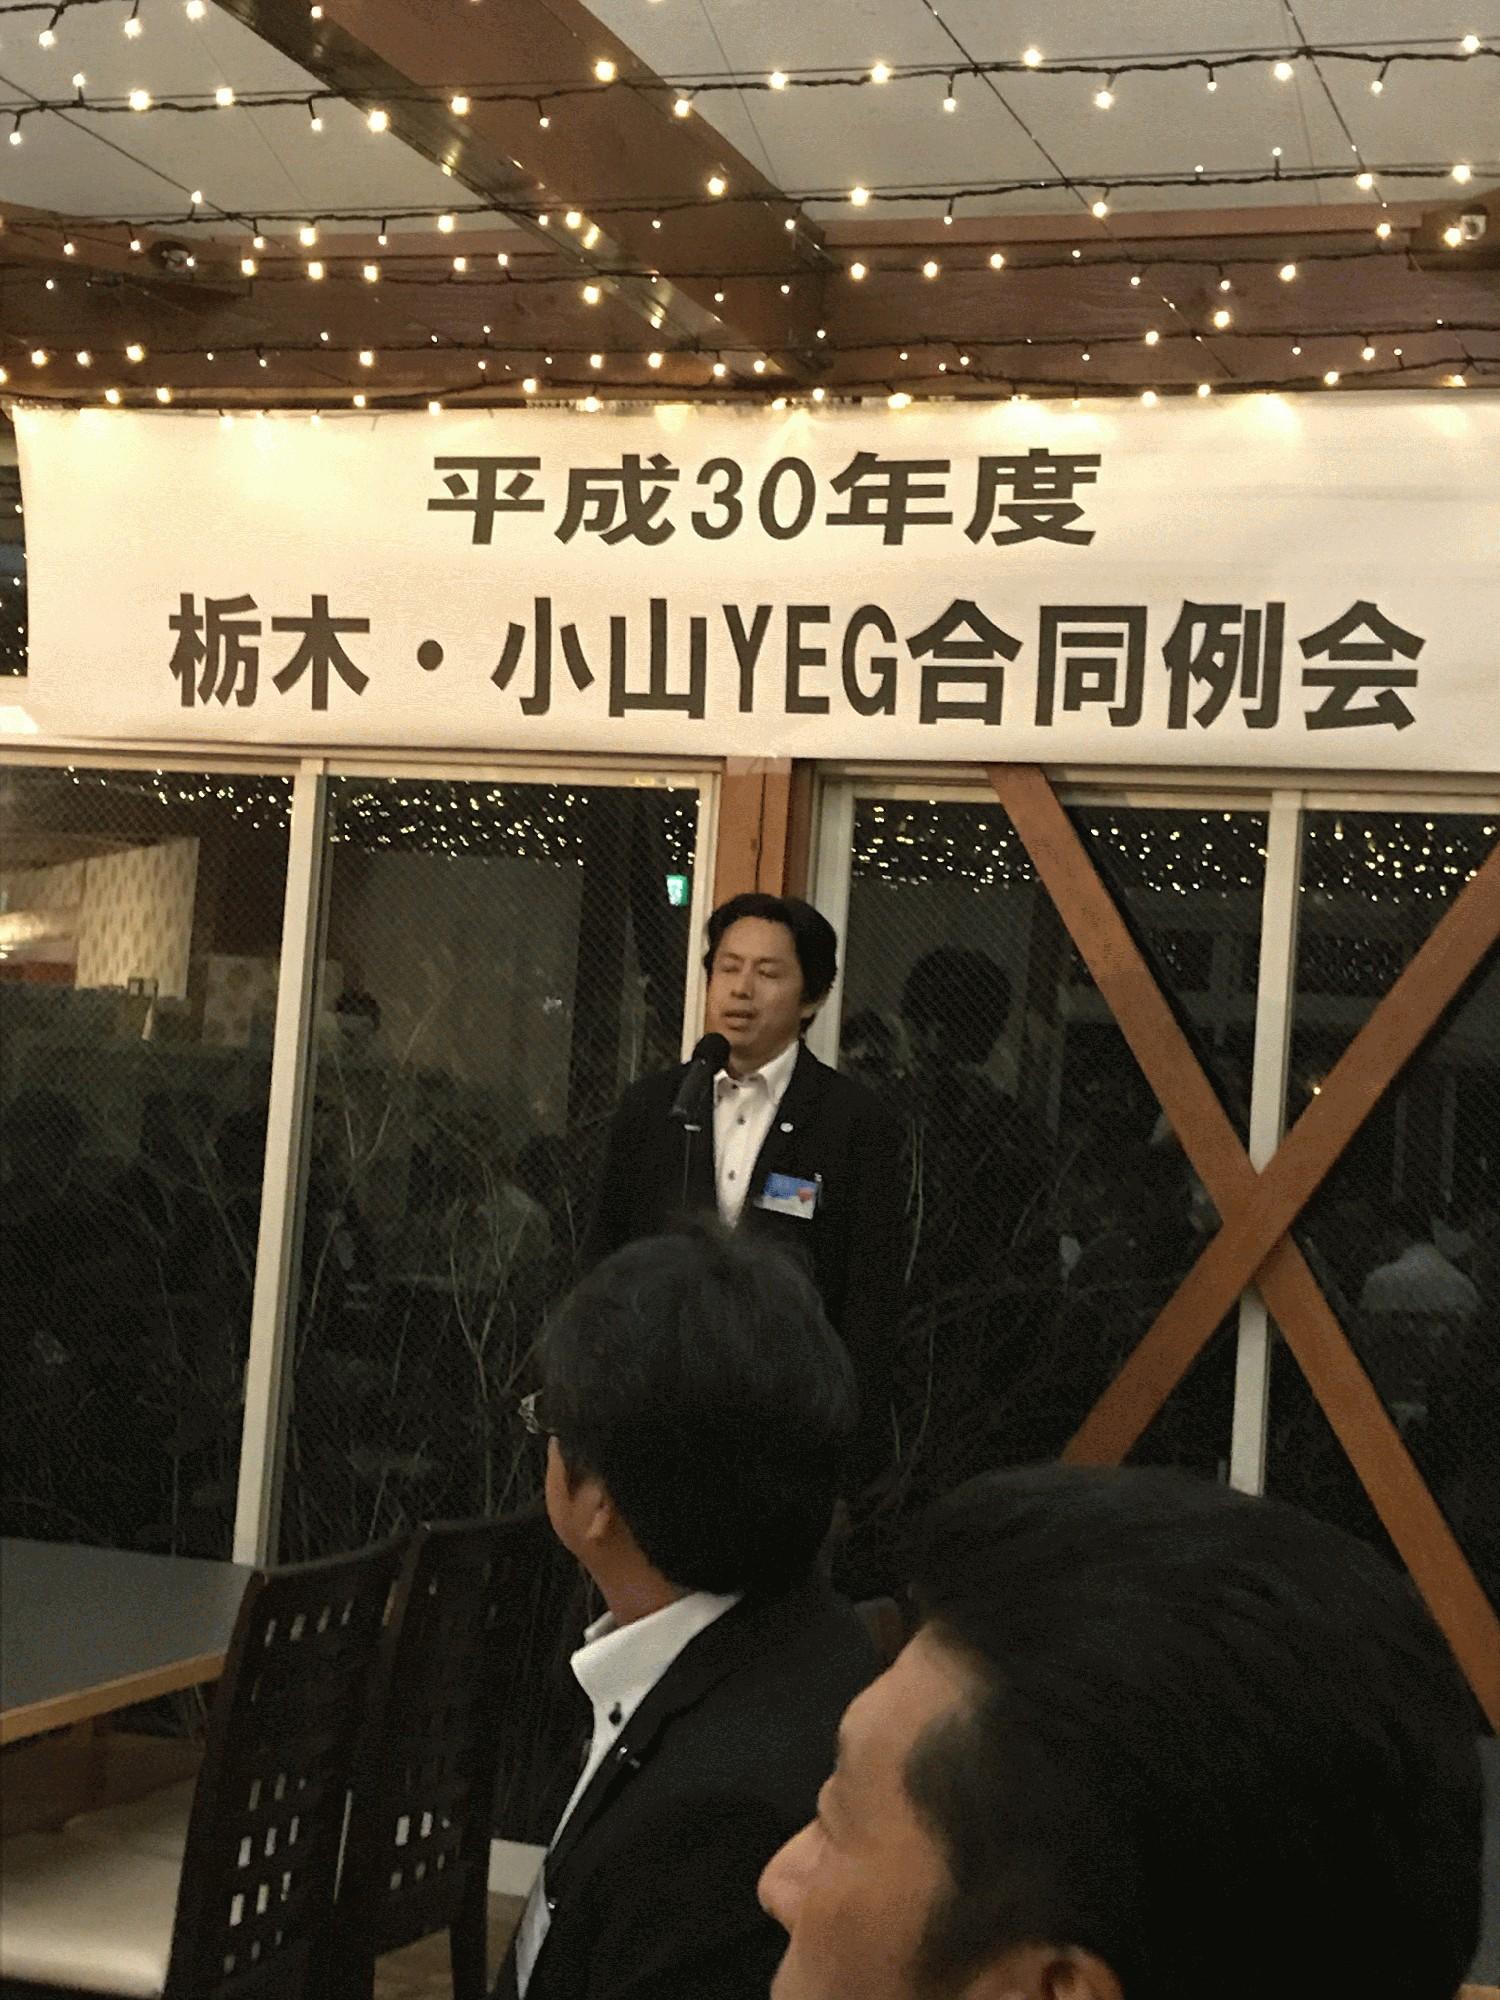 栃木YEG様との交流例会を開催しました